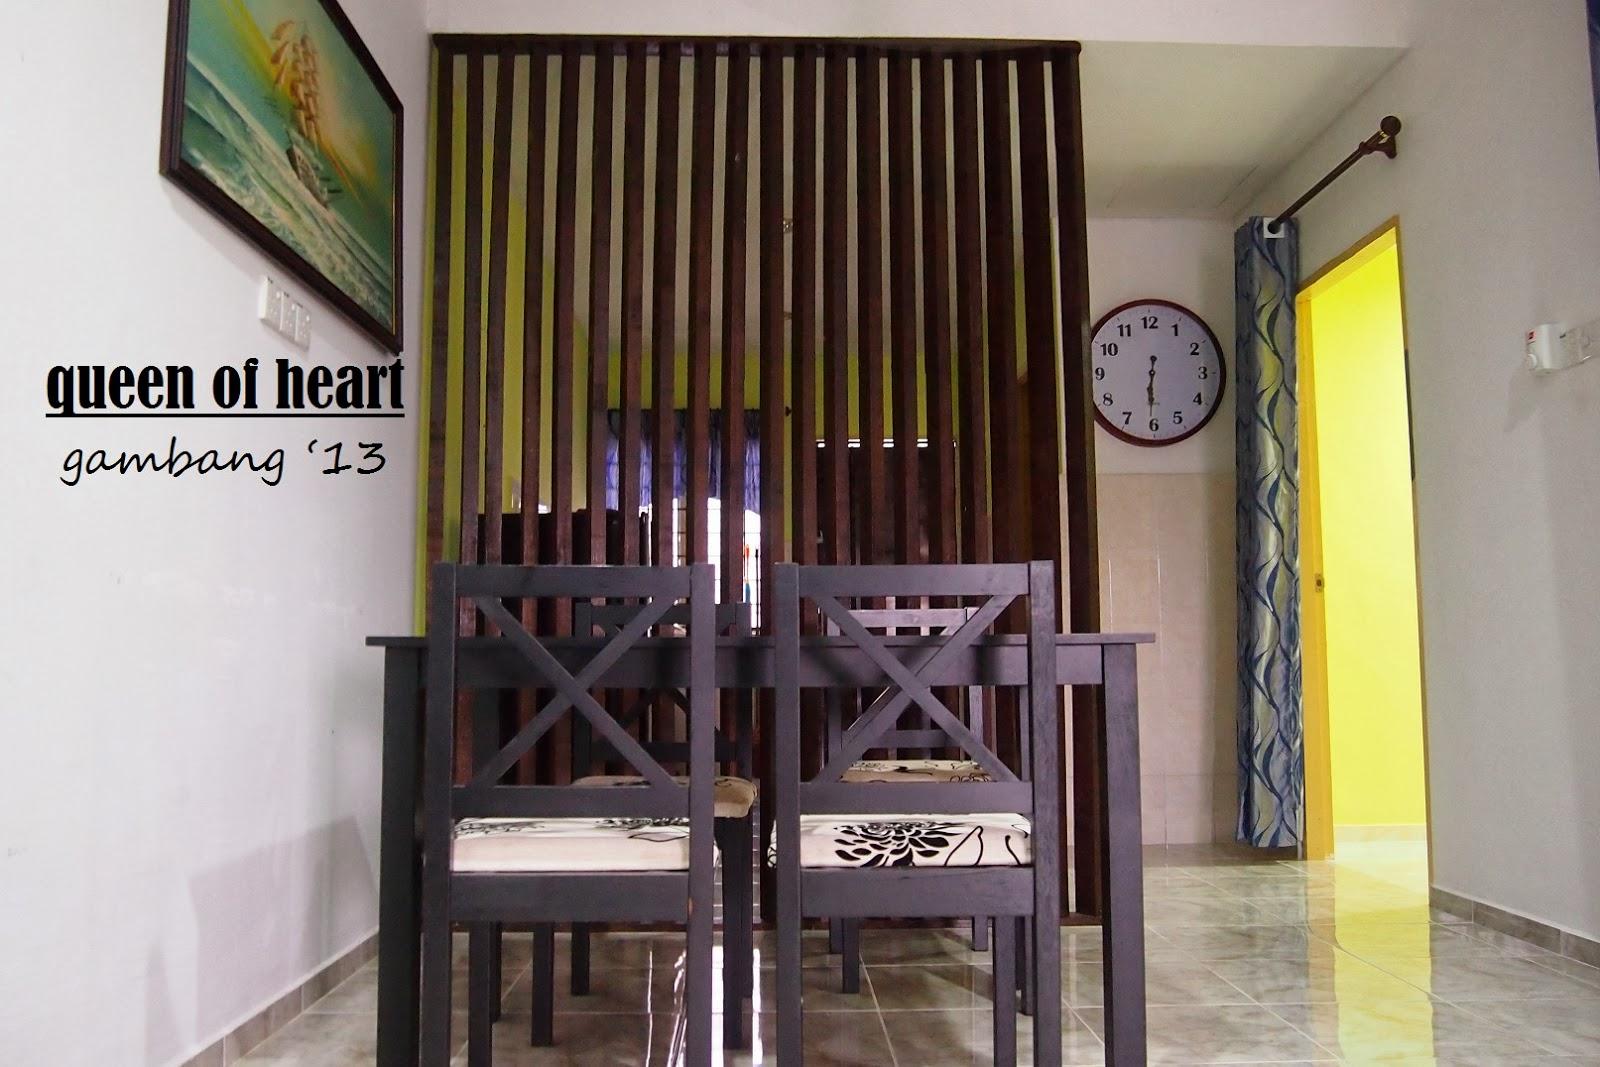 Ini Yang Menampn Dekorasi Nye Sangat Naik Bila Di Letn Penghadang Kayu Buatan Sendiri Tu Bagi Memisahkan Ruang Dapur Dan Tamu